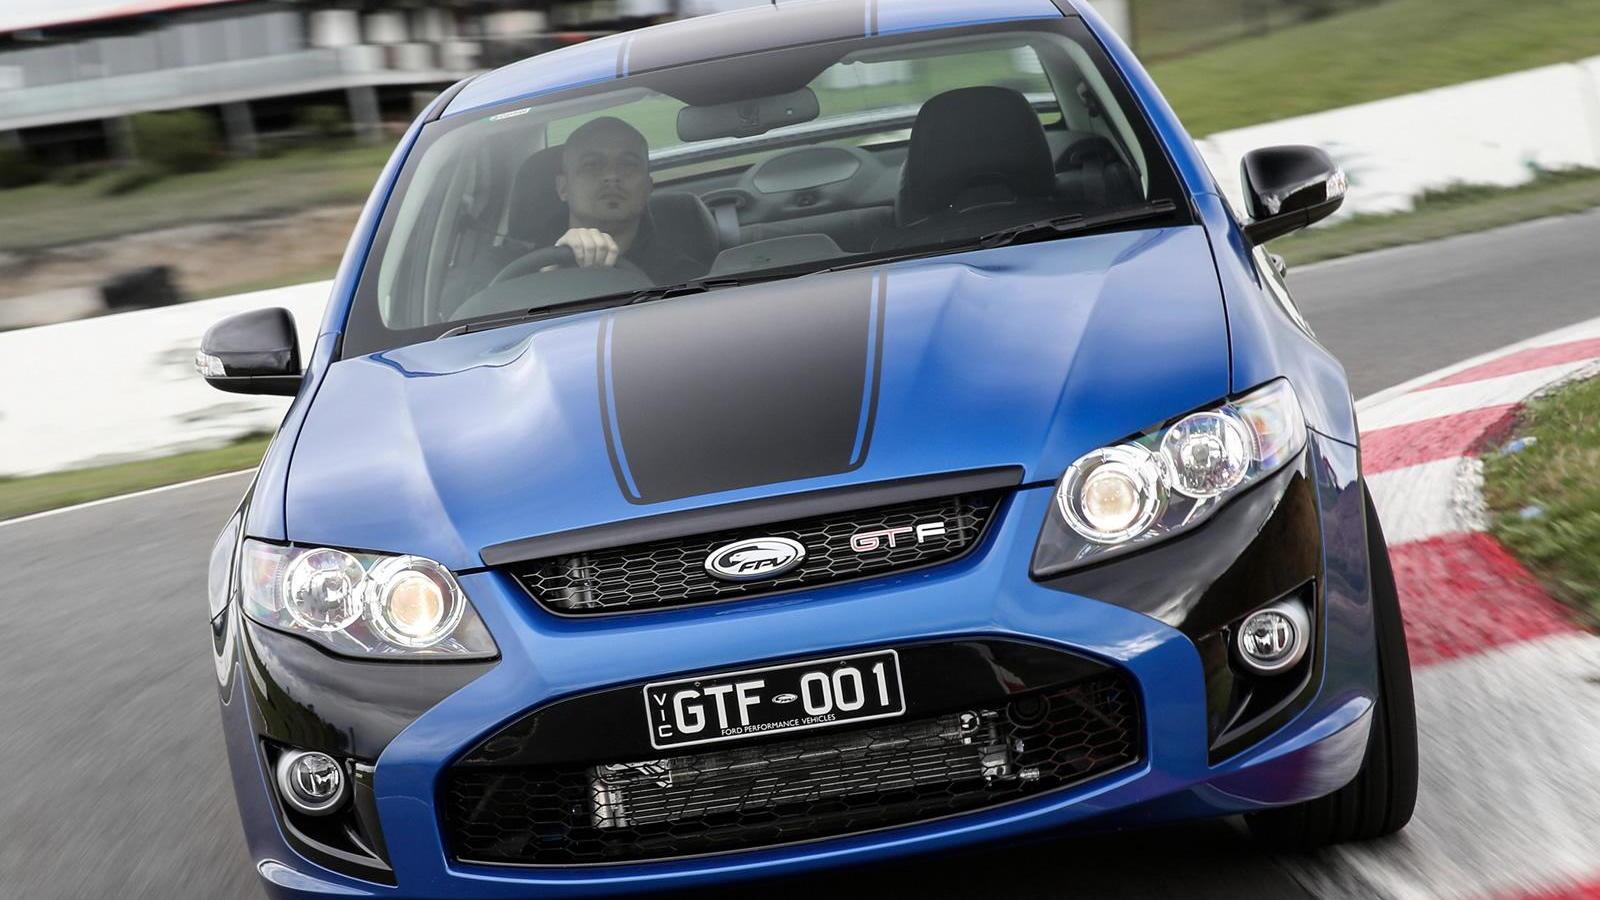 2014 FPV 351 GT F